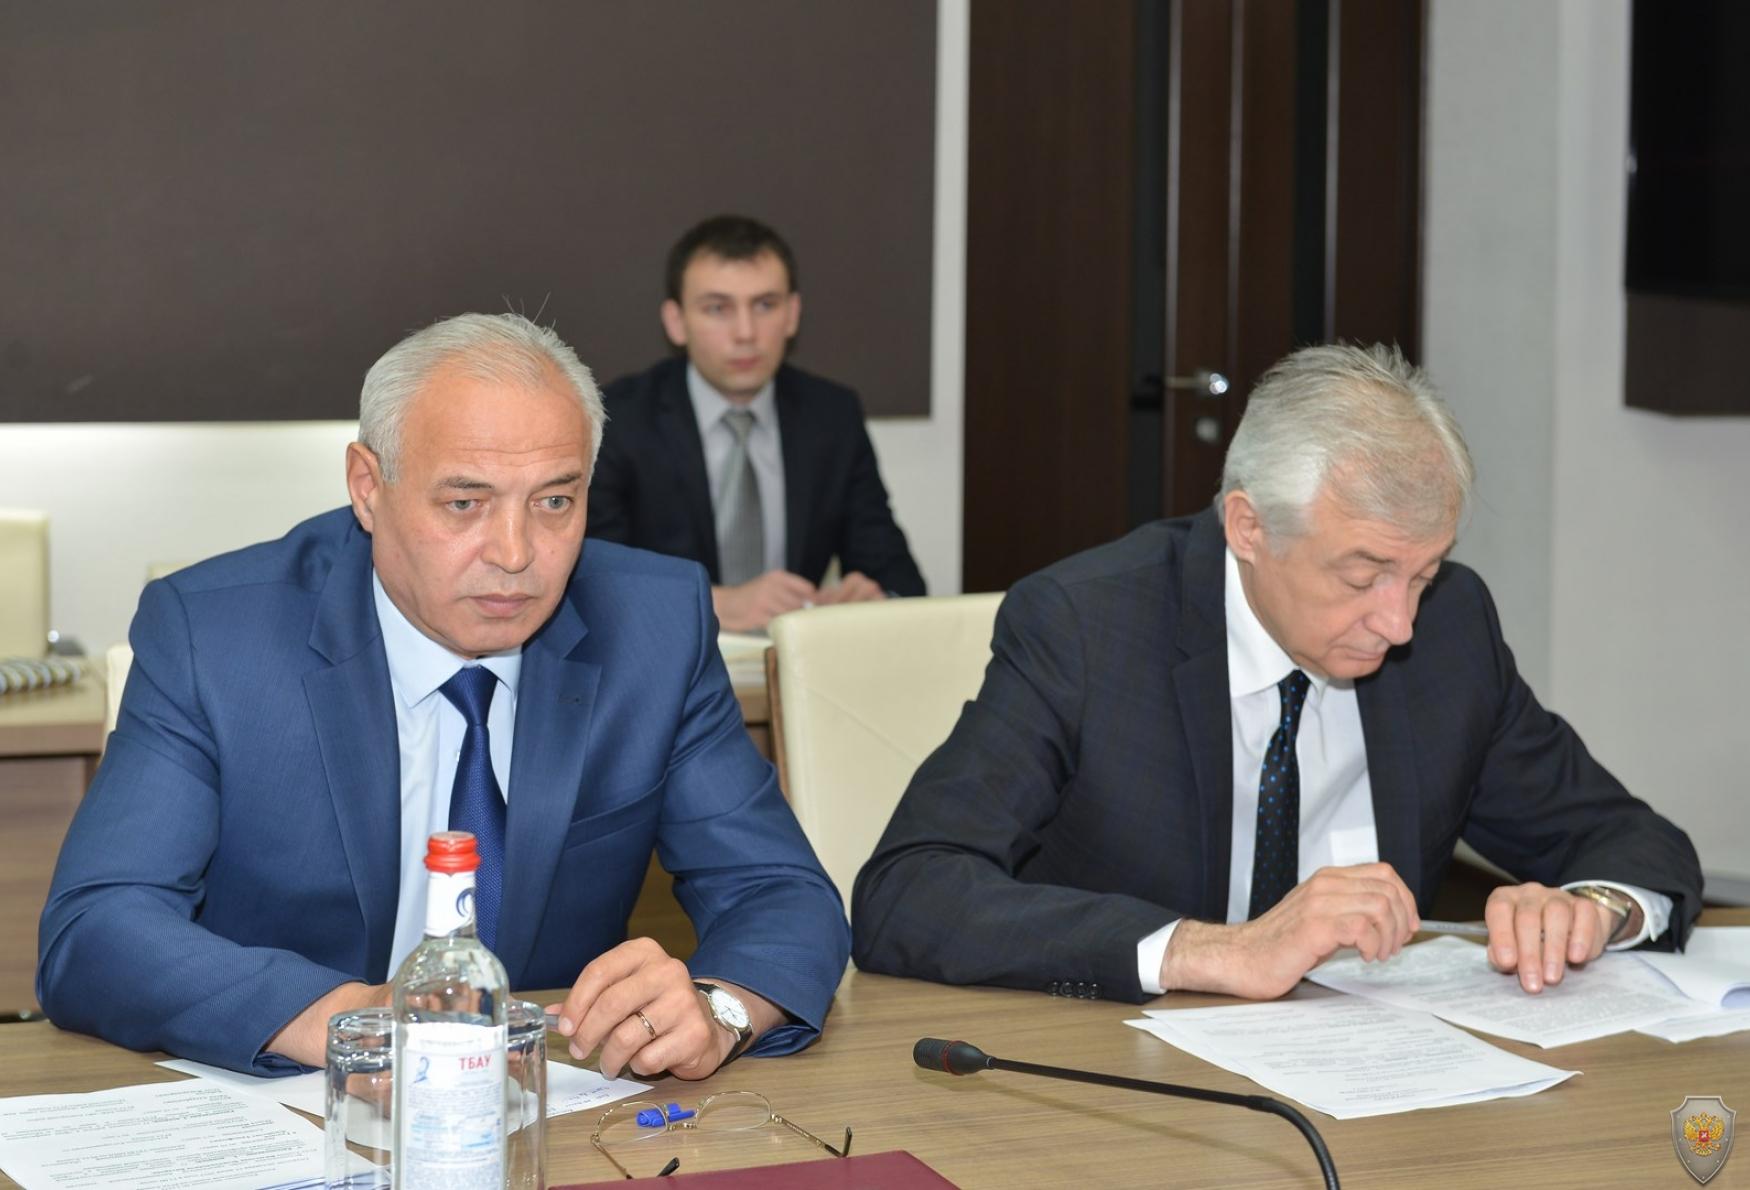 В здании Администрации Главы Республики Северная Осетия-Алания прошло заседание Антитеррористической комиссии